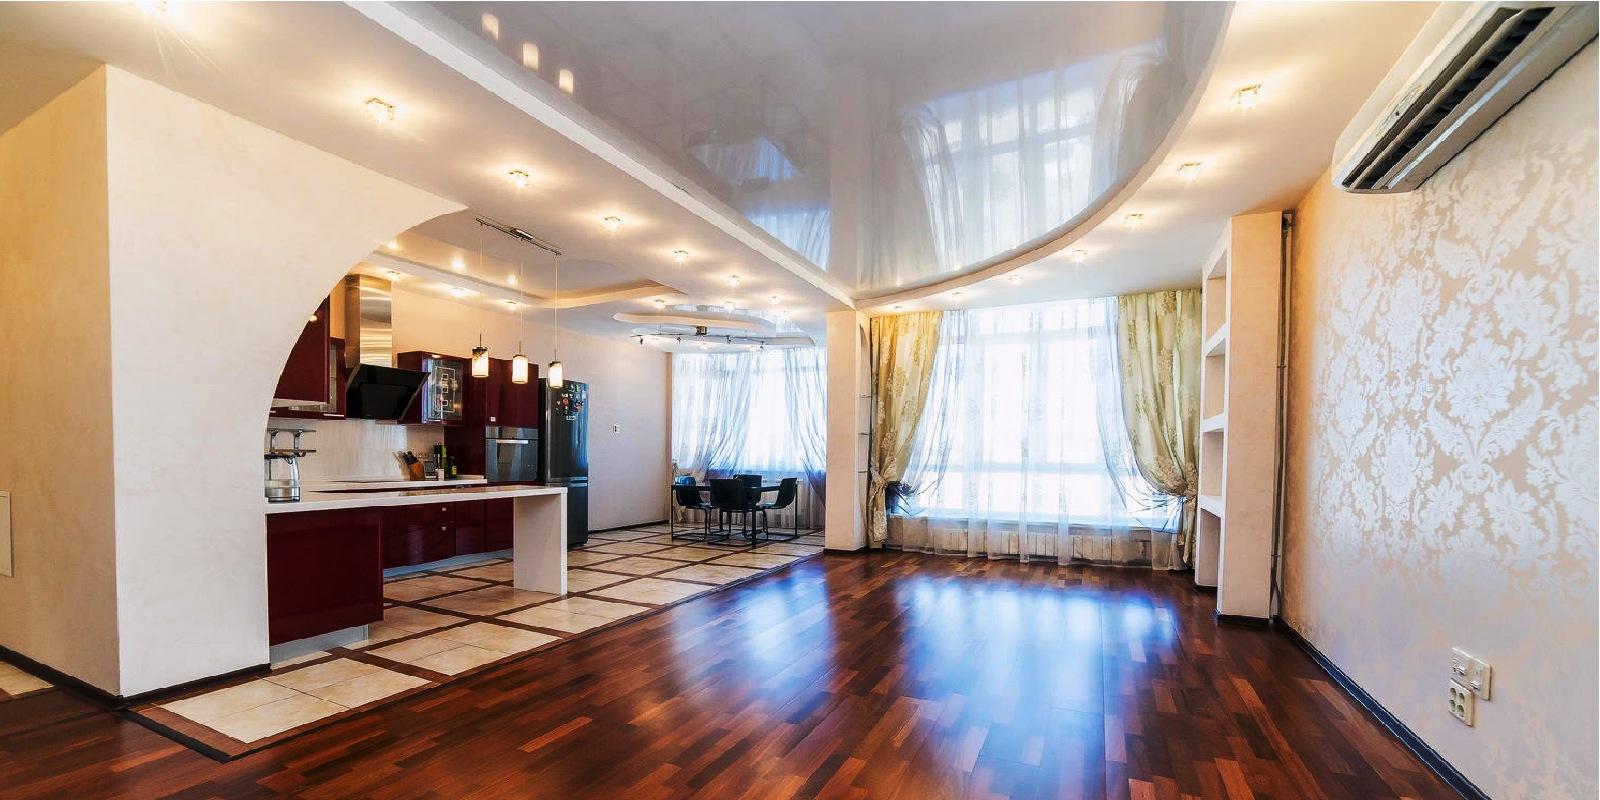 Ликбез: профессиональный ремонт квартир под ключ